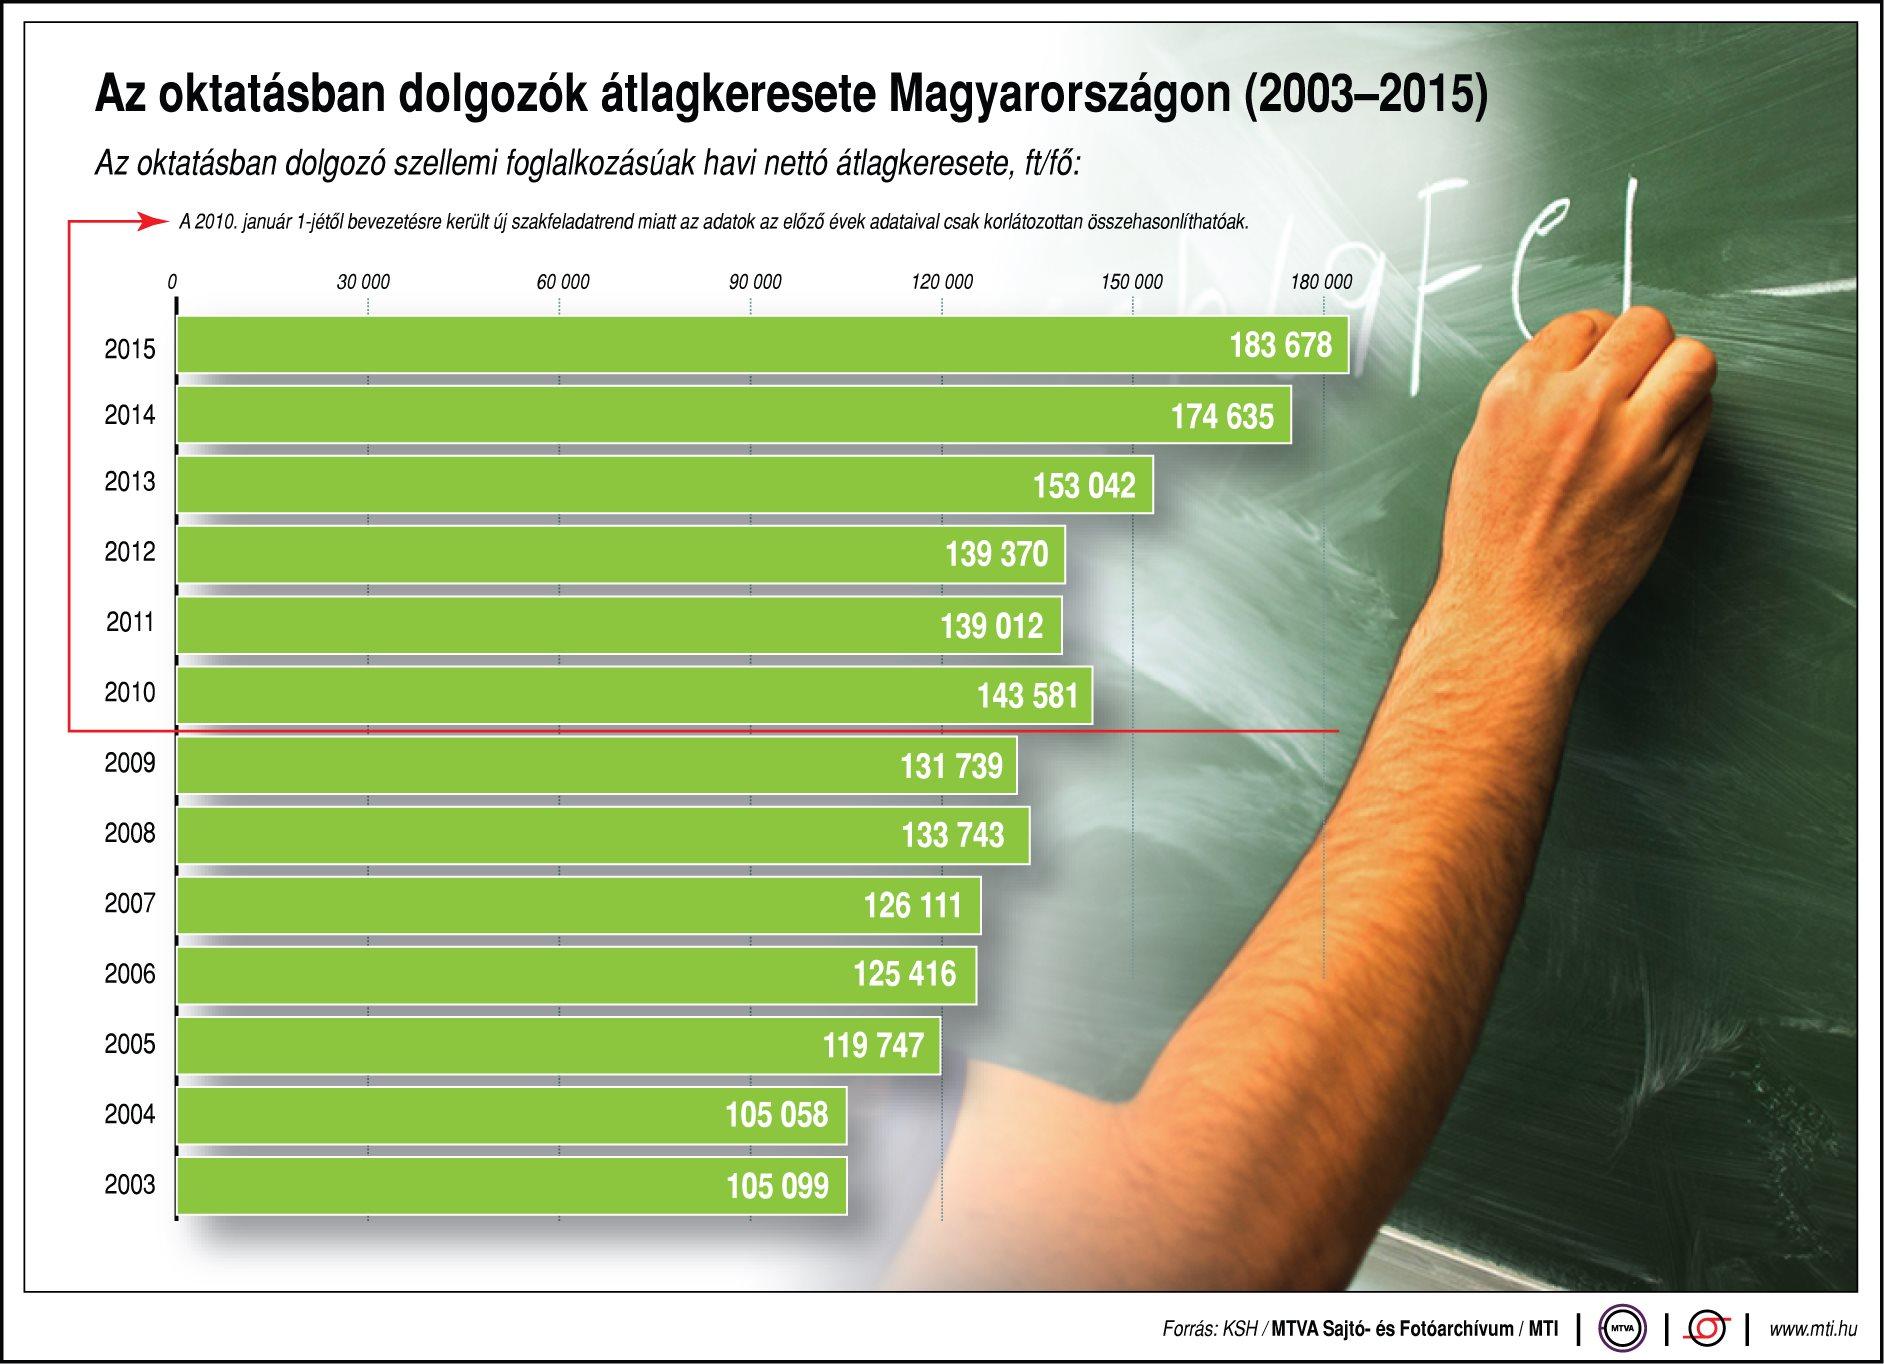 Mennyit keresnek az oktatásban dolgozók?